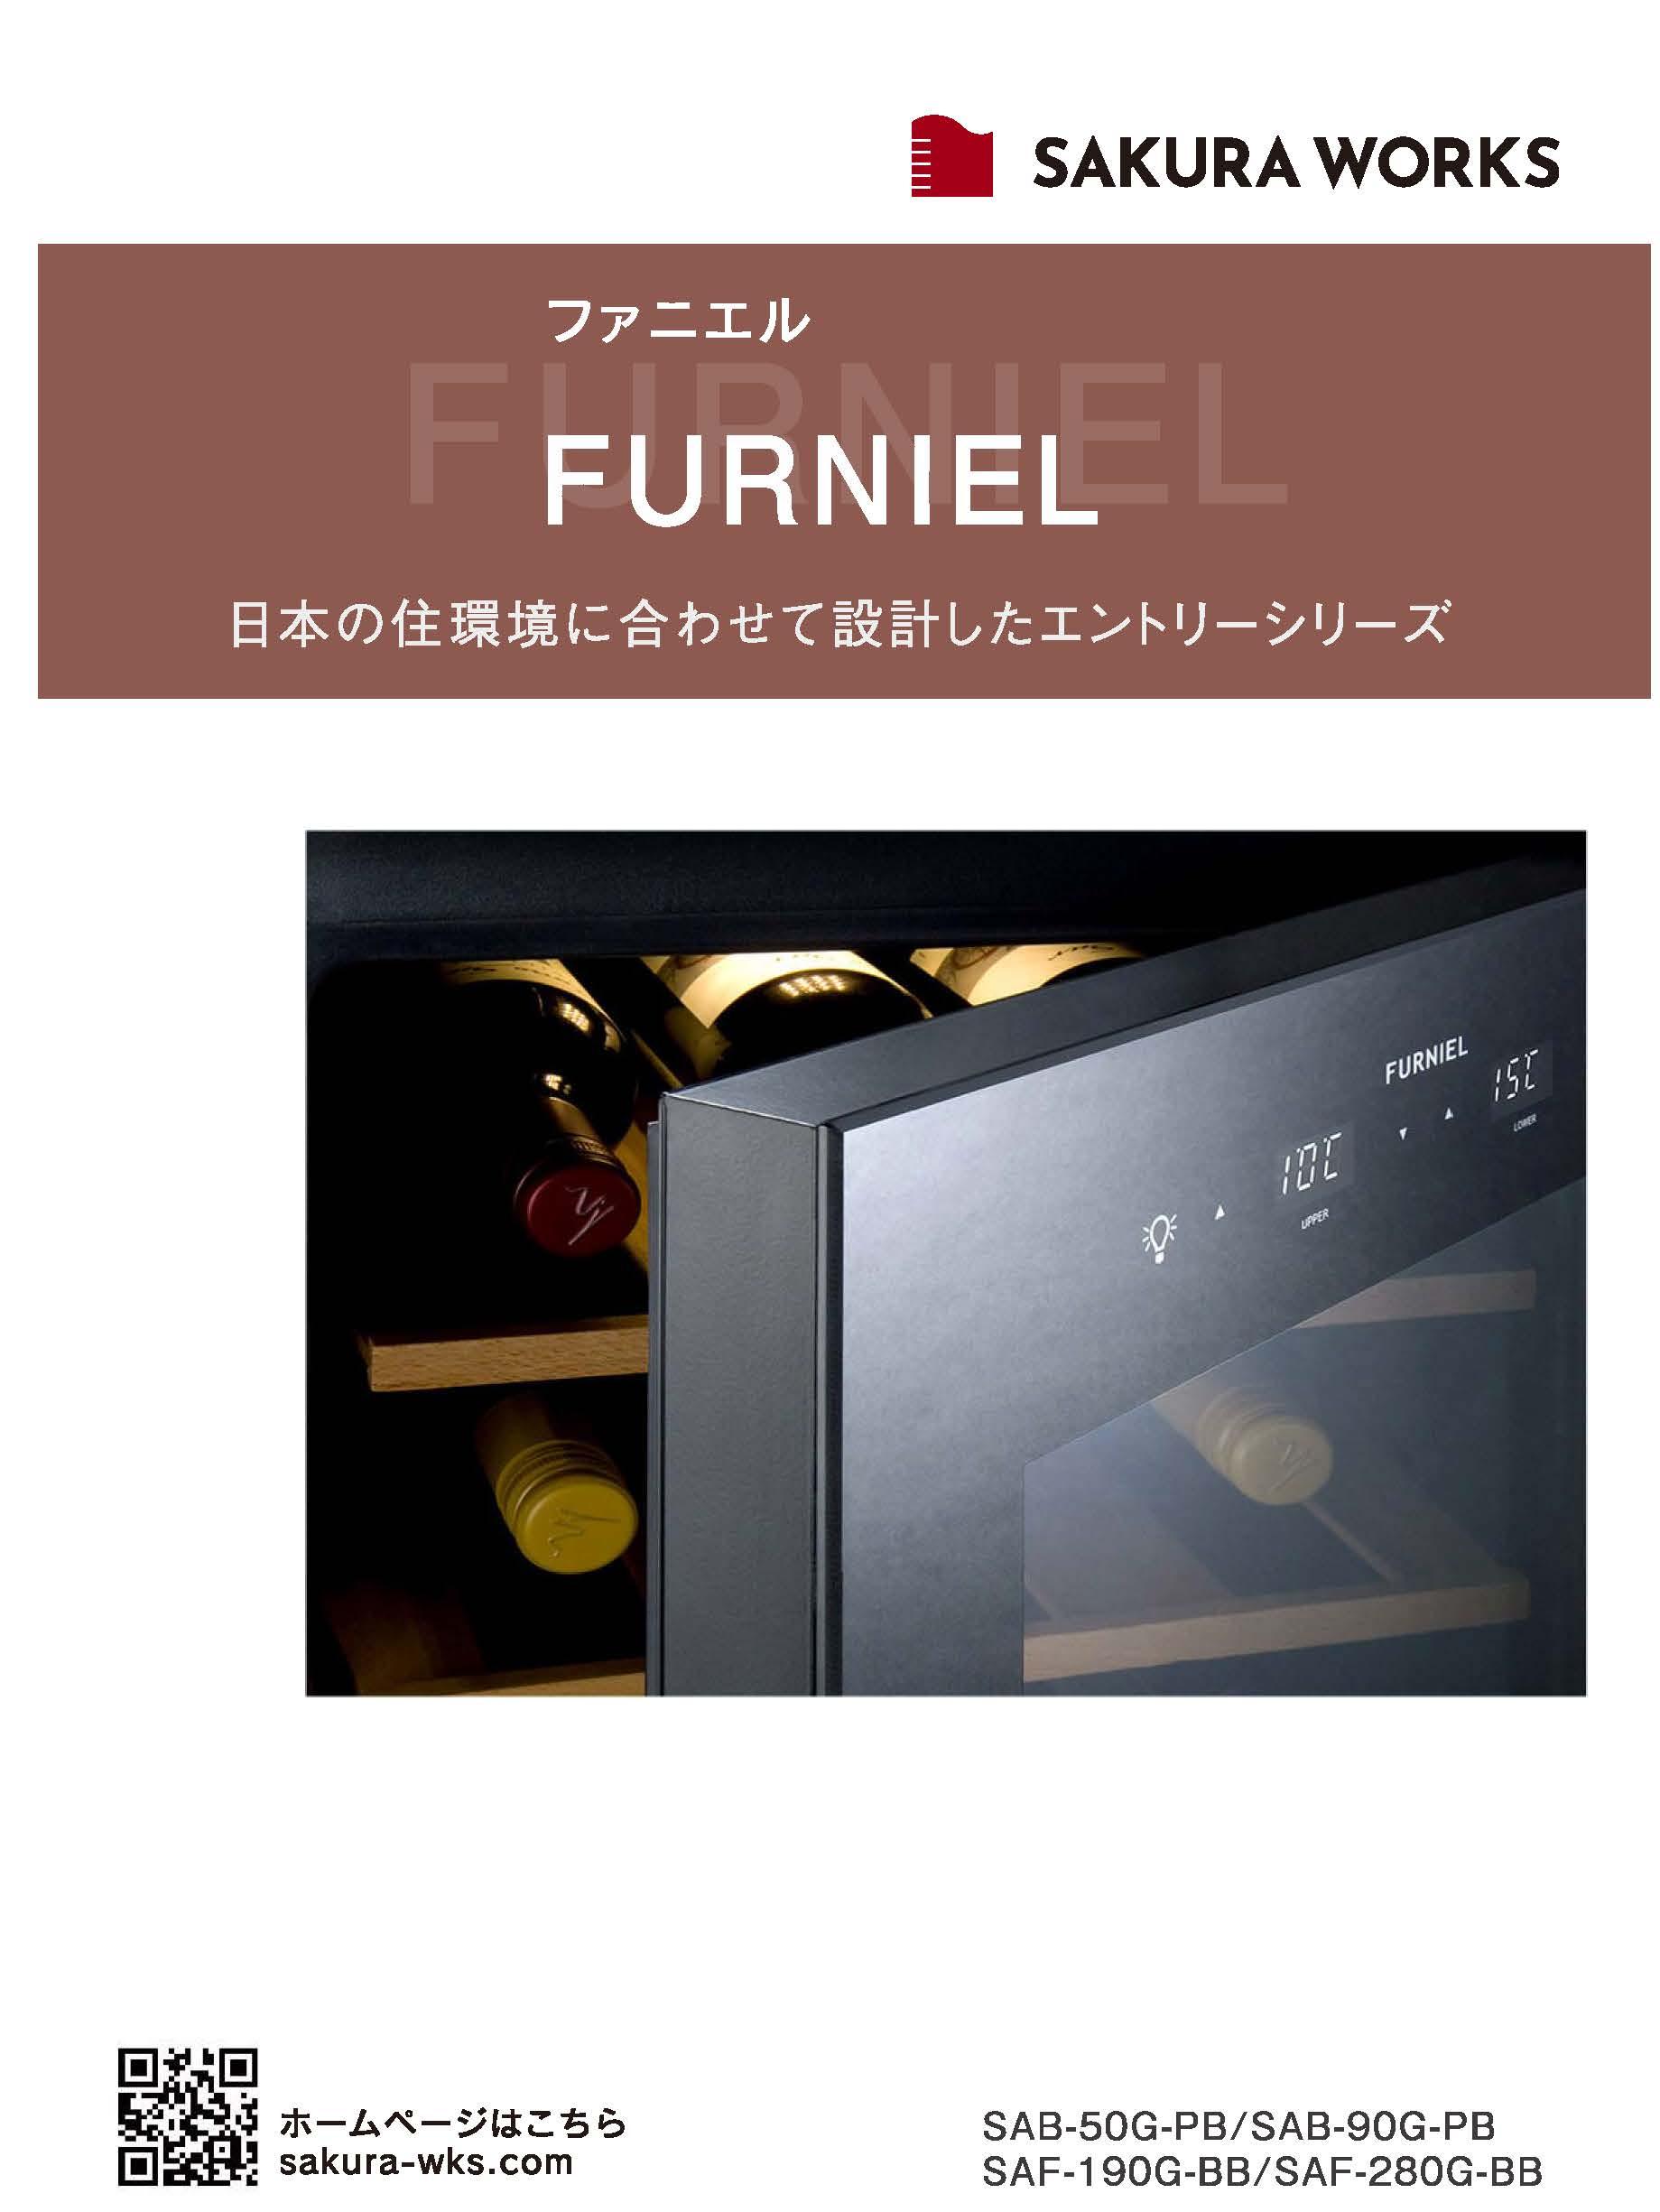 製品カタログ<br>FURNIEL ver.2のサムネイル